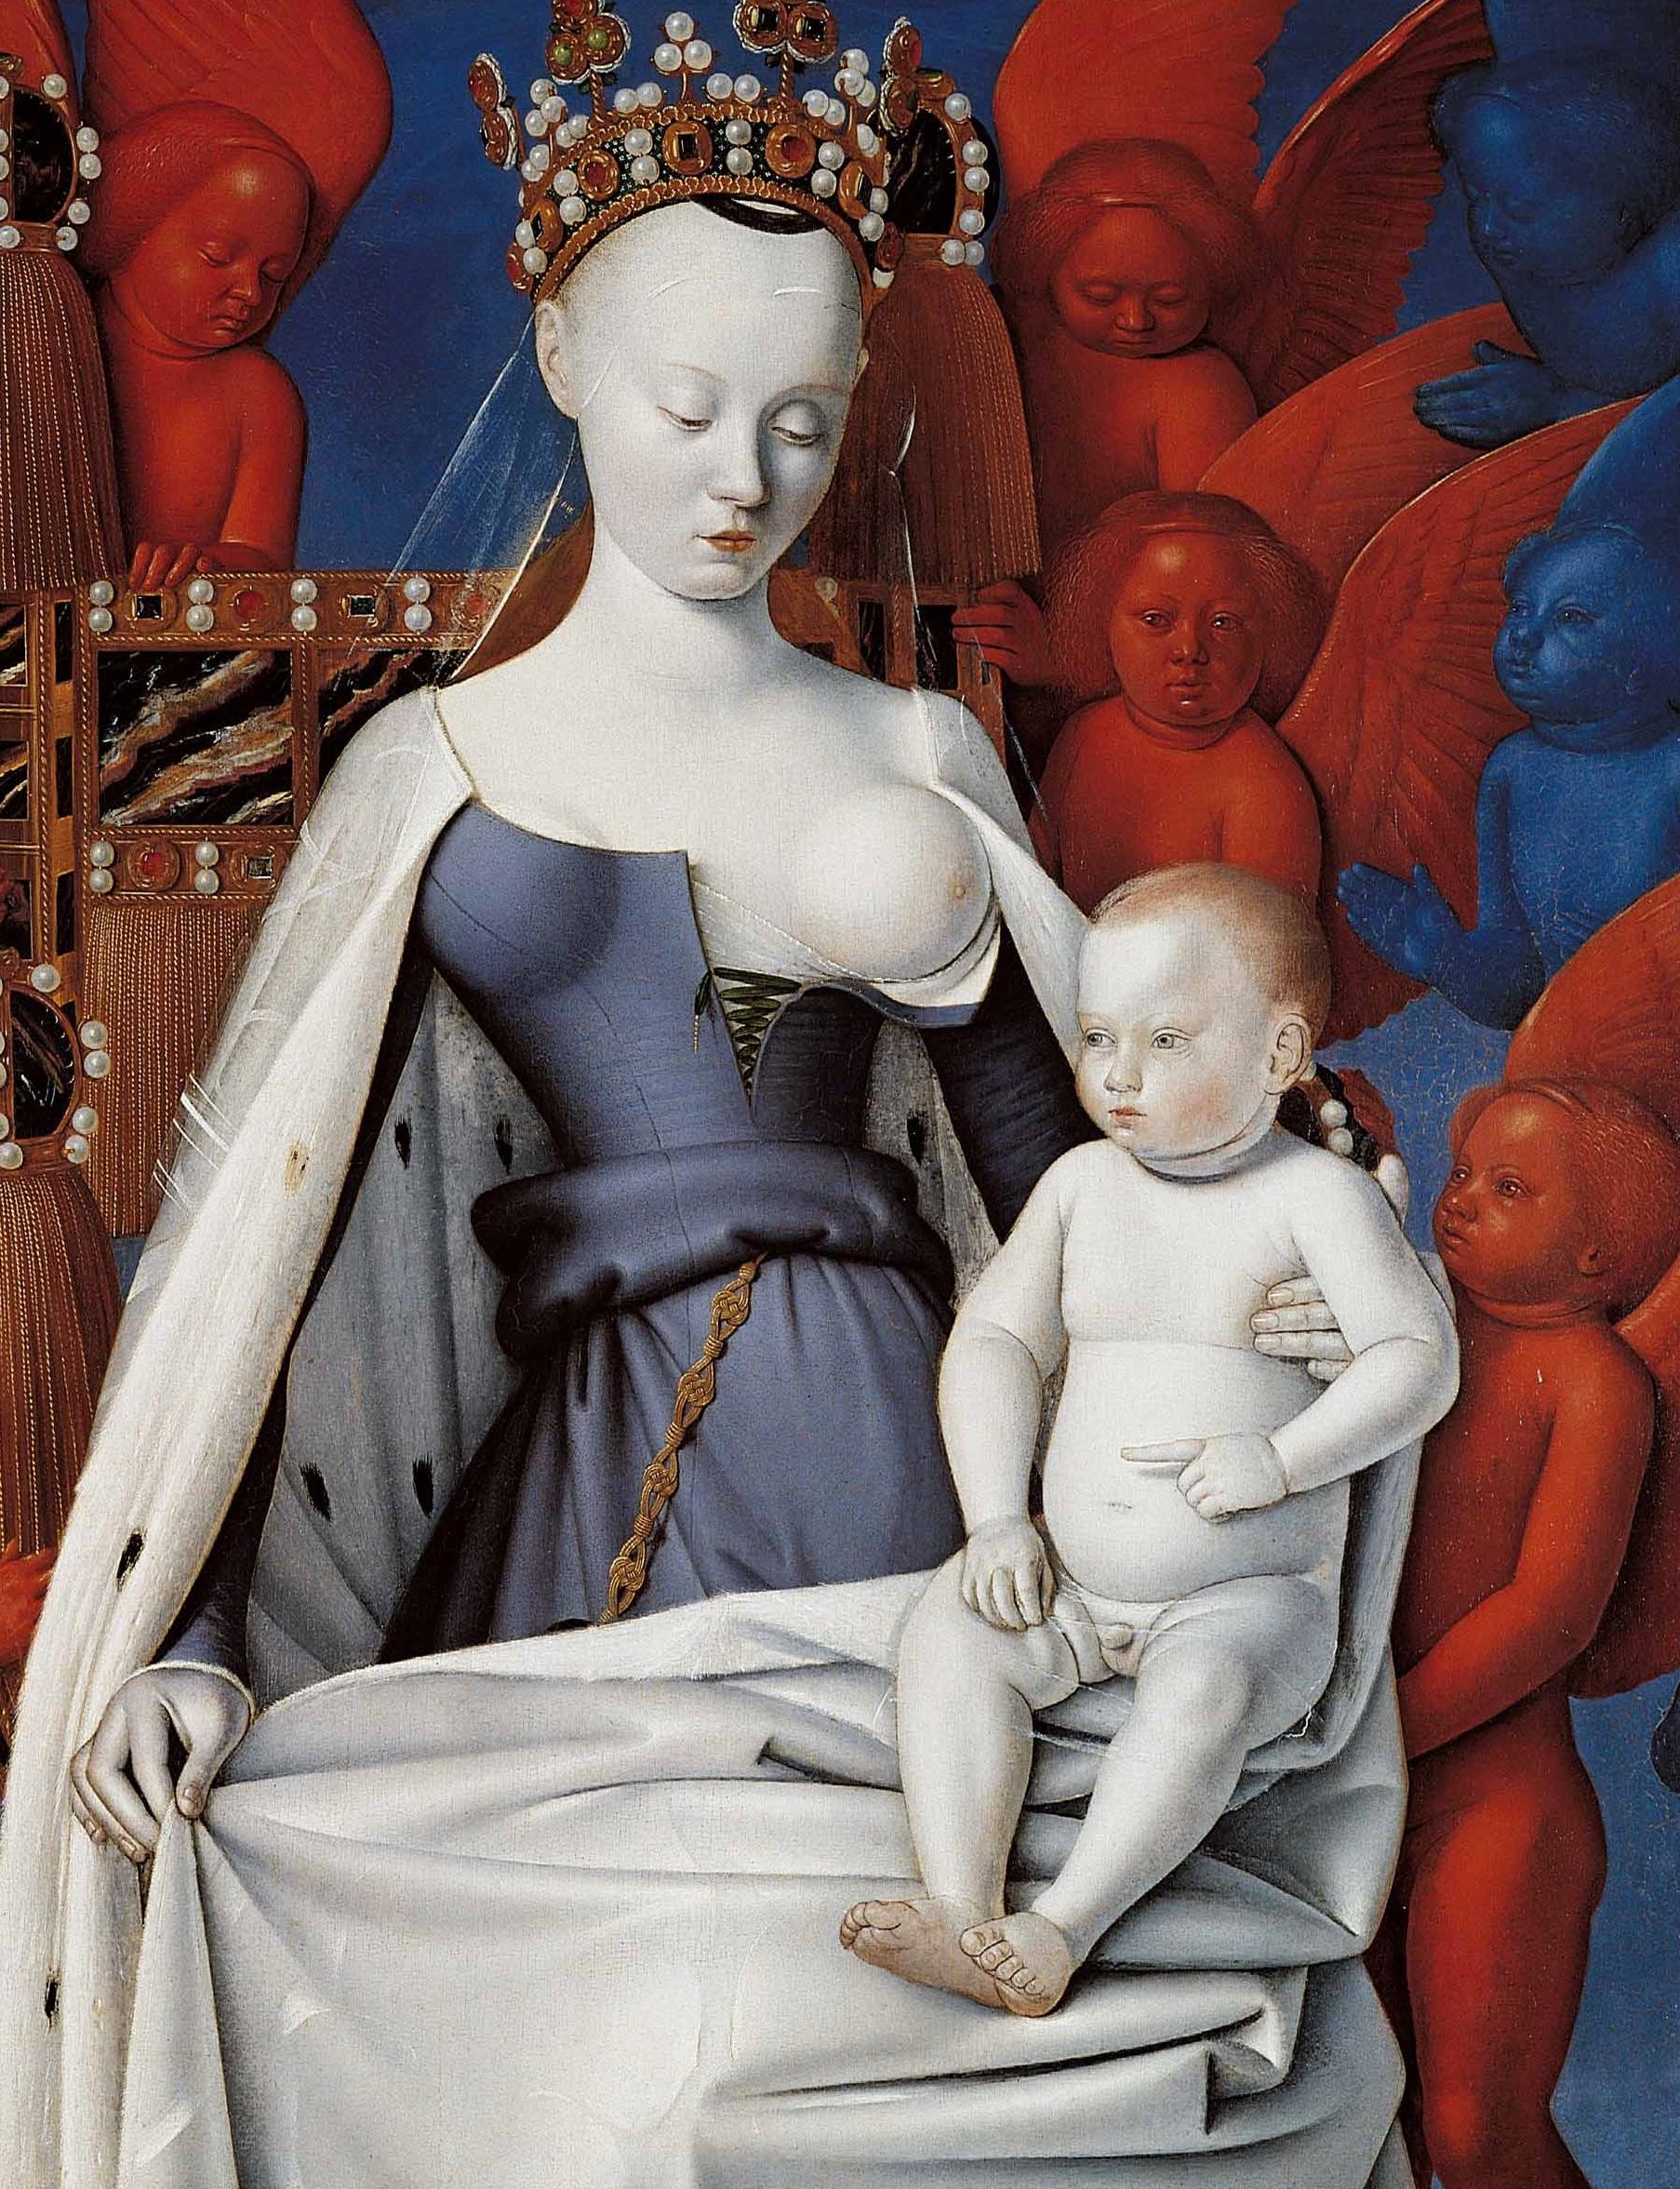 L'œuvre, commandée par Étienne Chevalier à Jean Fouquet, fut exécutée vers 1450.  Ce diptyque est un concentré d'influences flamandes, italiennes et gothiques. Ainsi les détails du trône et de la couronne de la Vierge, le portrait d'Étienne